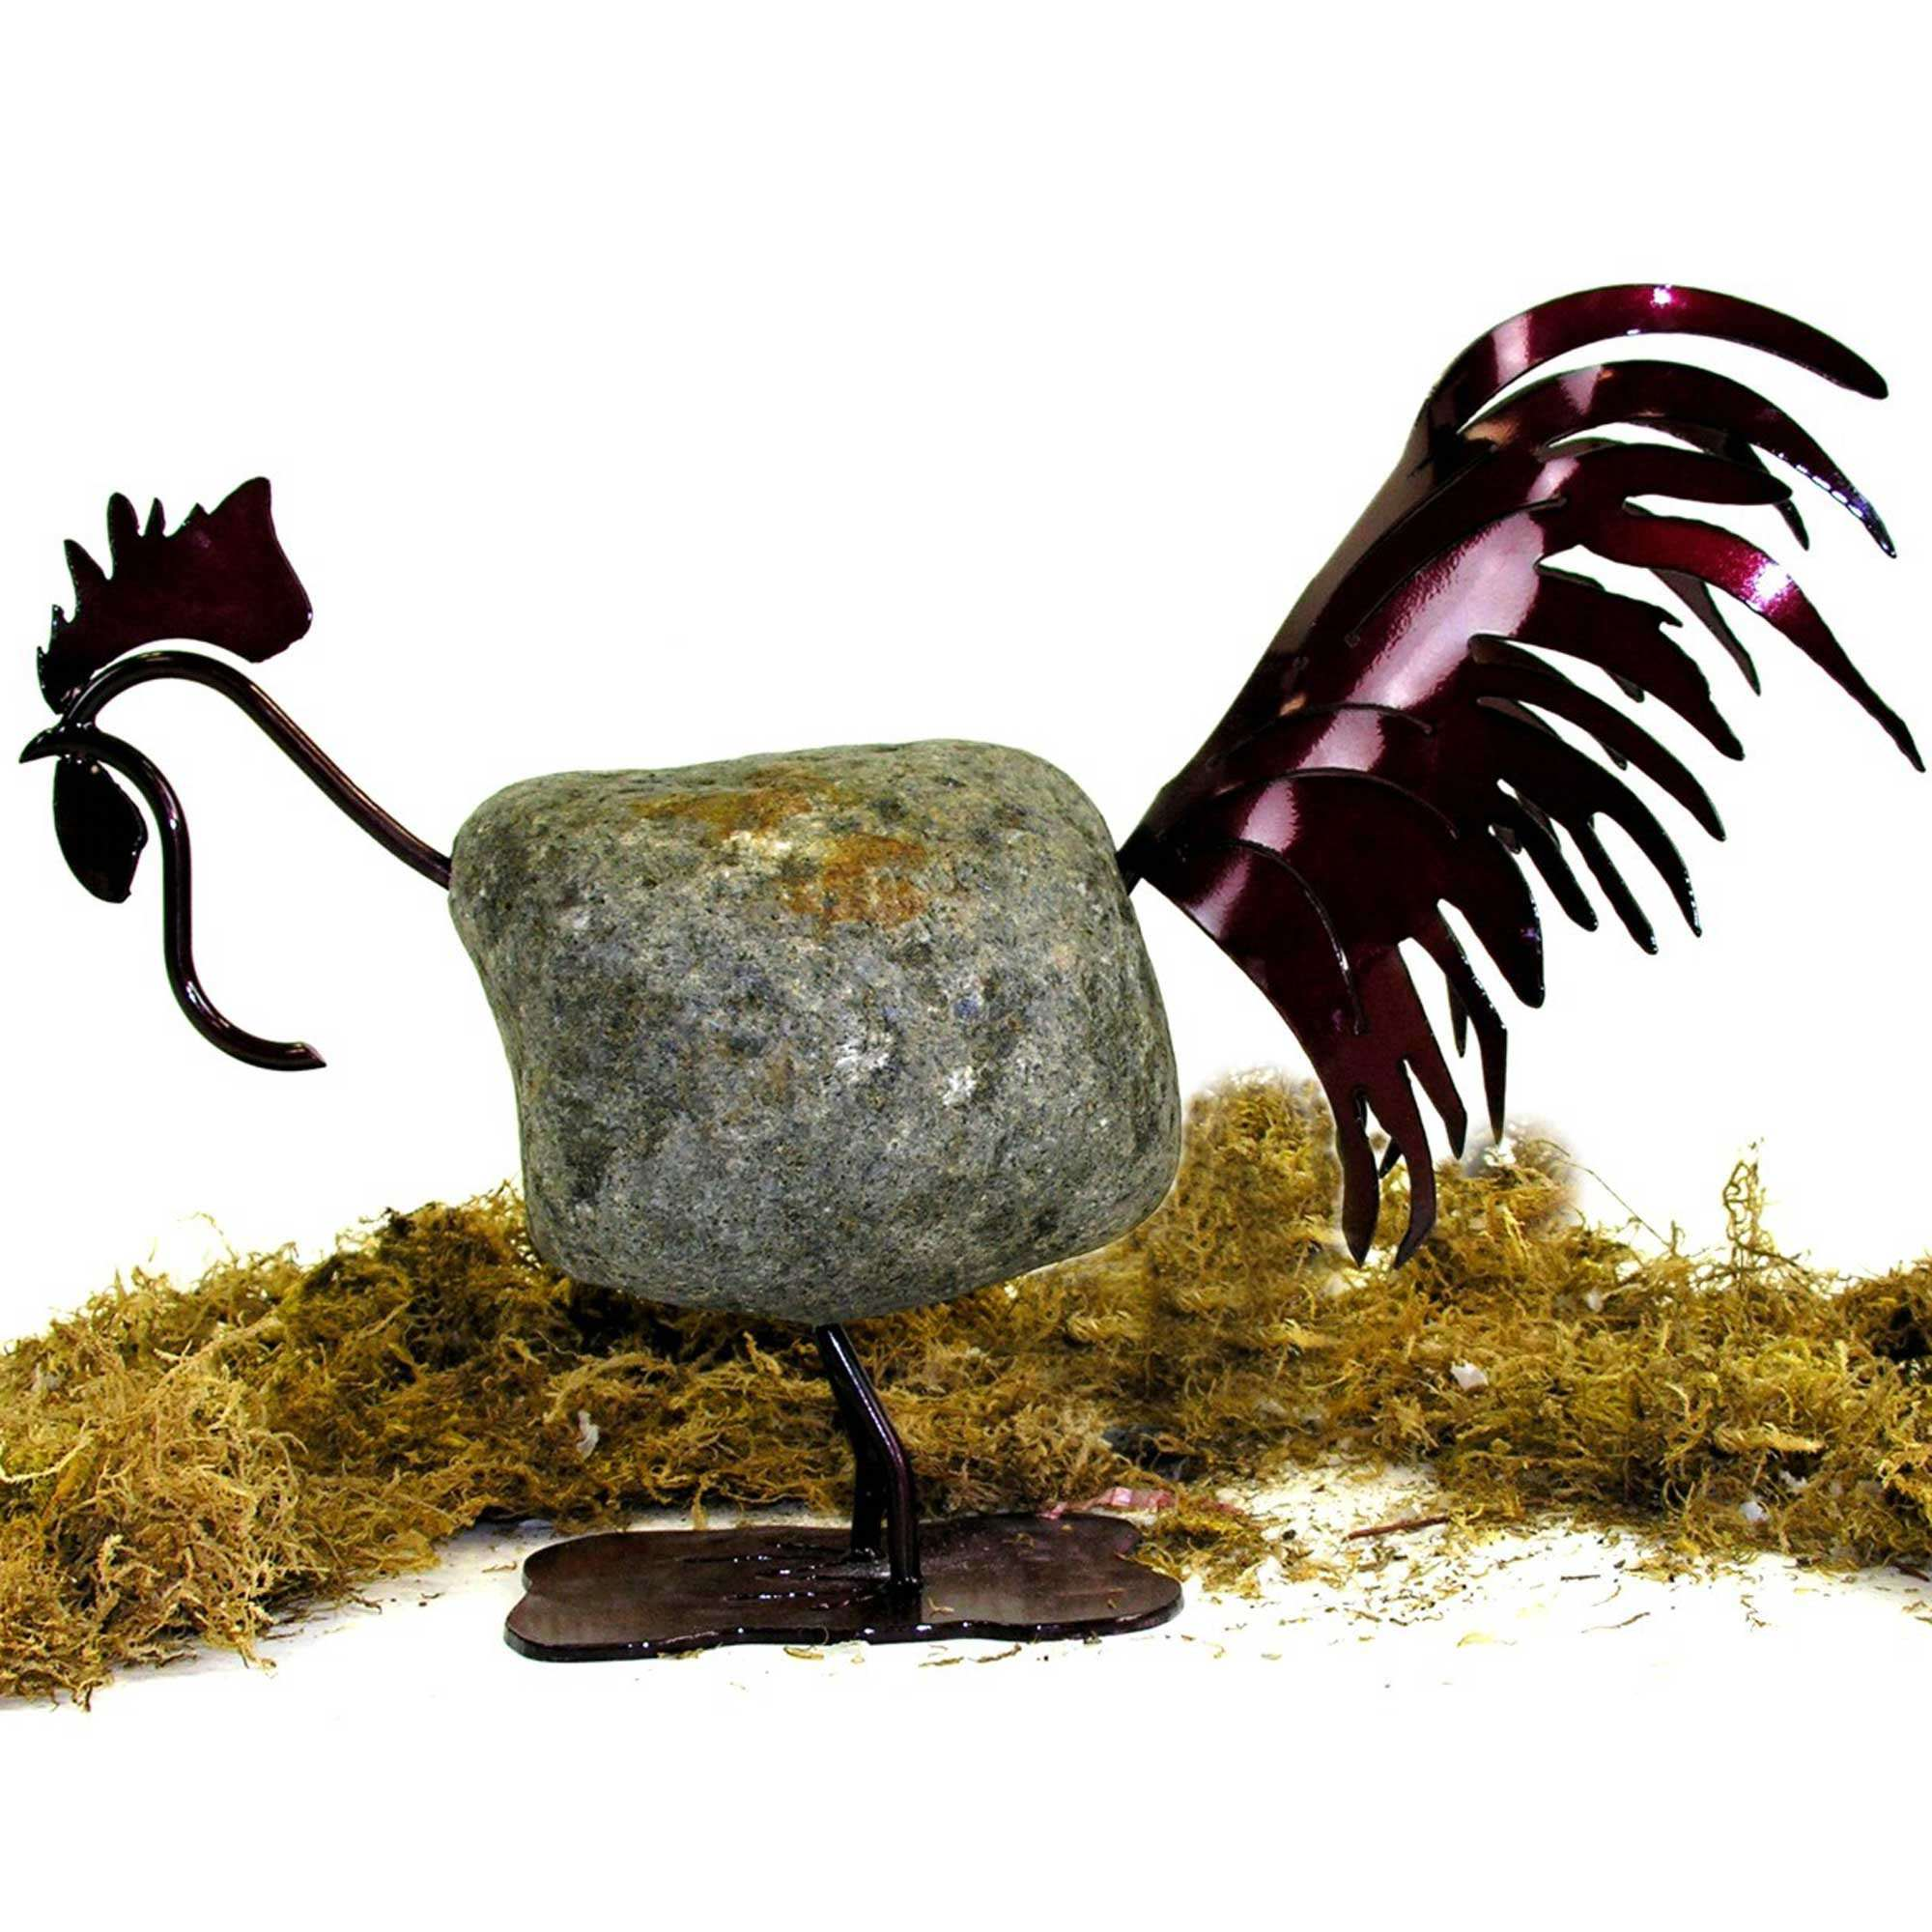 red-rooster-francis-metal-works-xx.jpg